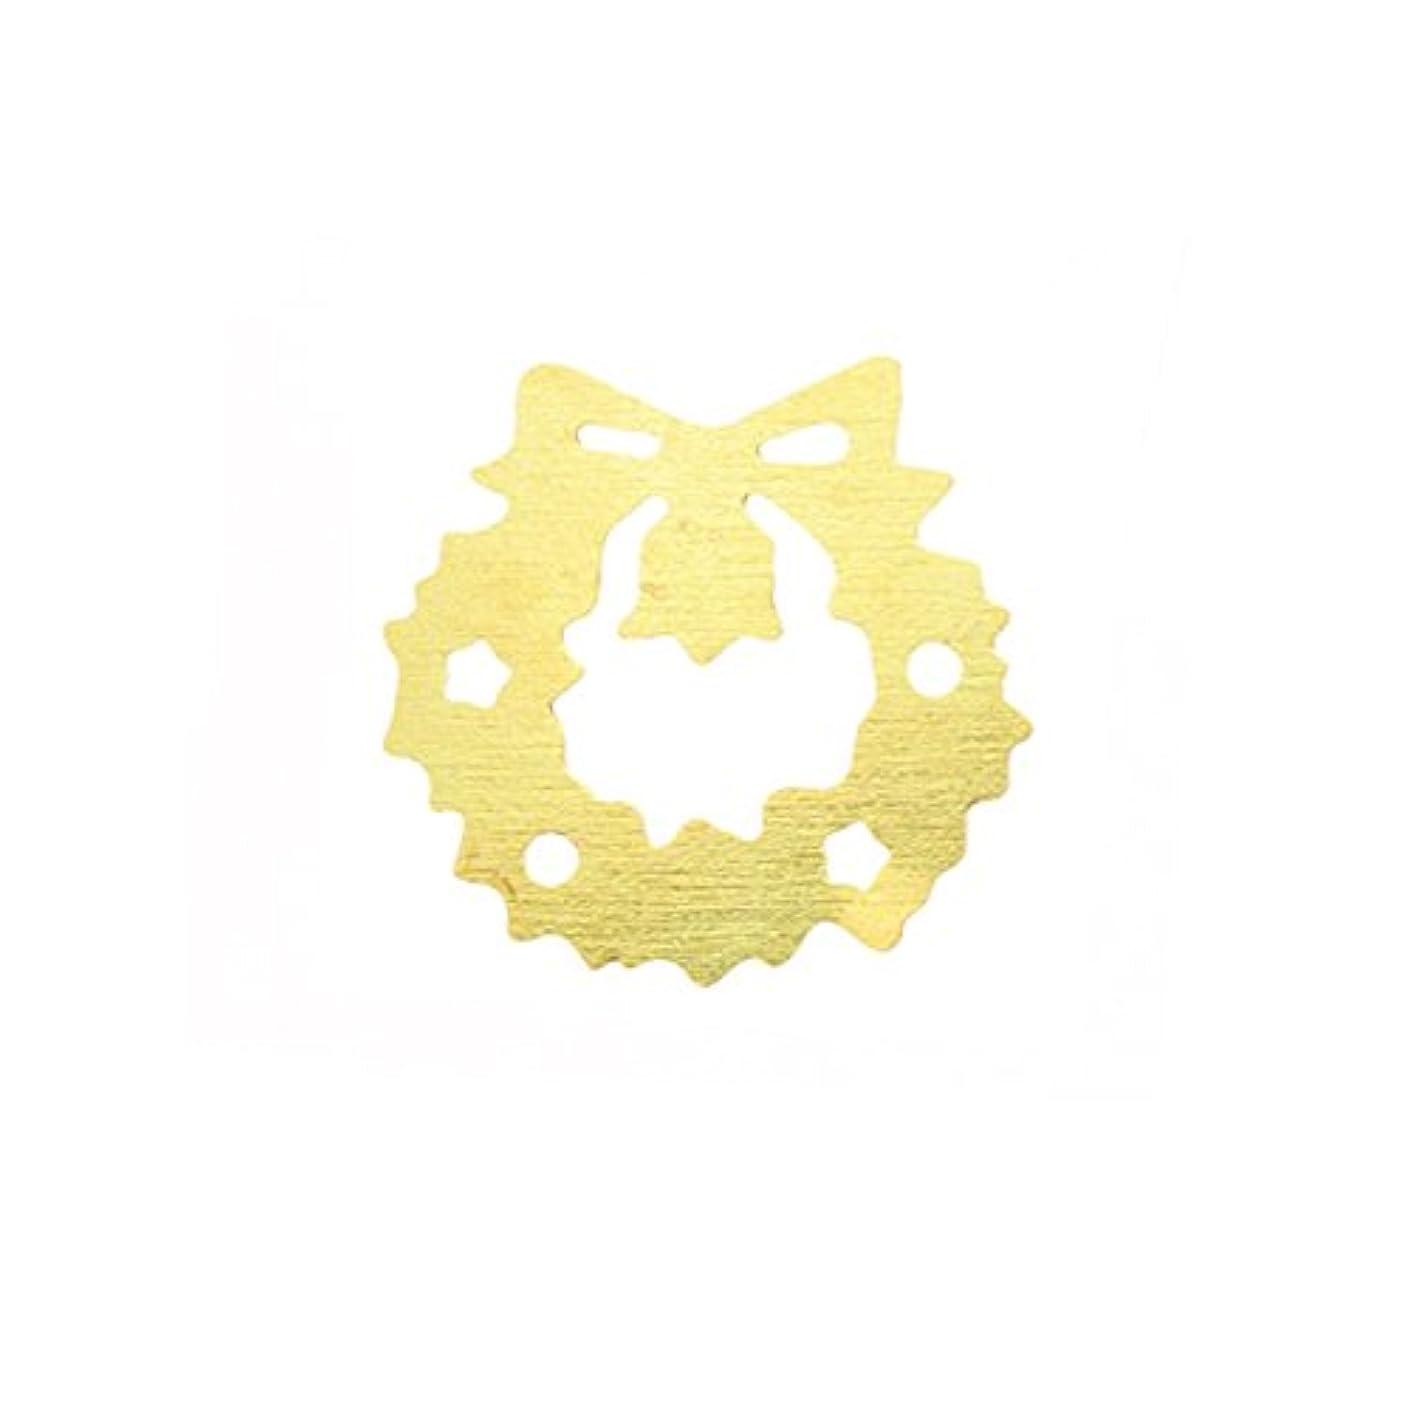 部門減るナラーバーメタルプレート(ネイルストーン デコ) クリスマスリース ゴールド (30個入り)(ネイル用品)